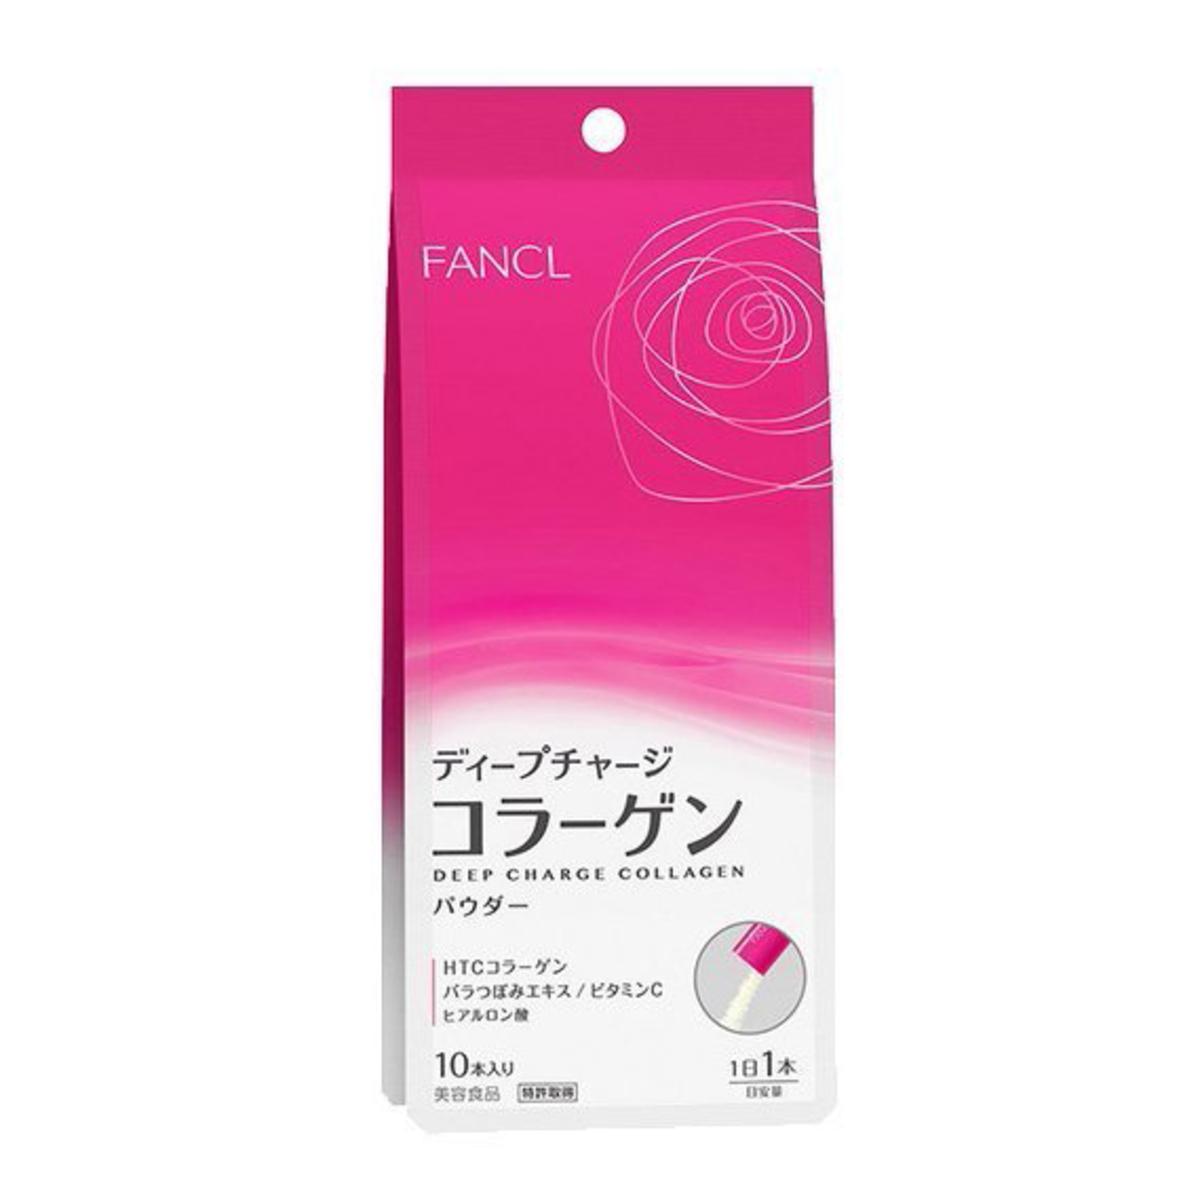 (特價凊倉:到期日2020/07/31)美肌高濃度膠原蛋白粉(10包裝)